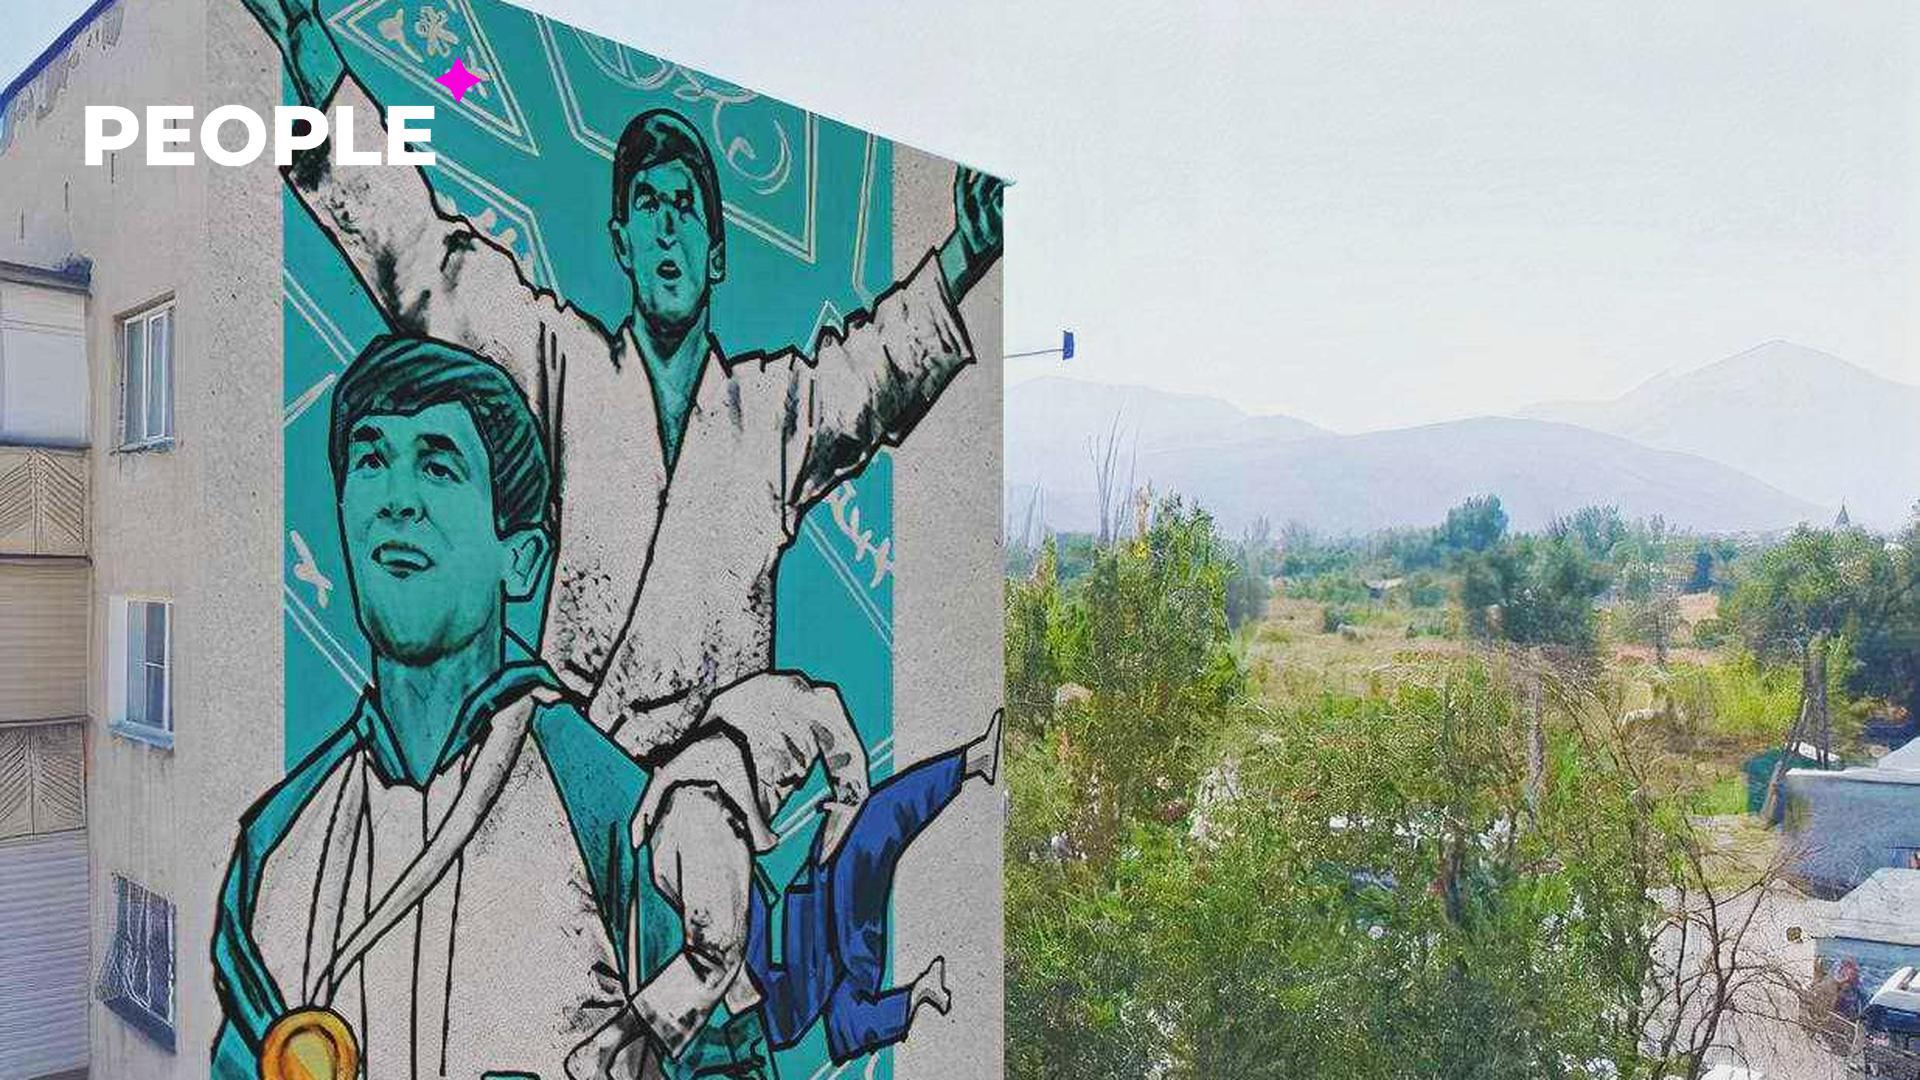 Столичные художники предложили нарисовать портреты олимпийцев Токио-2020 на многоэтажках